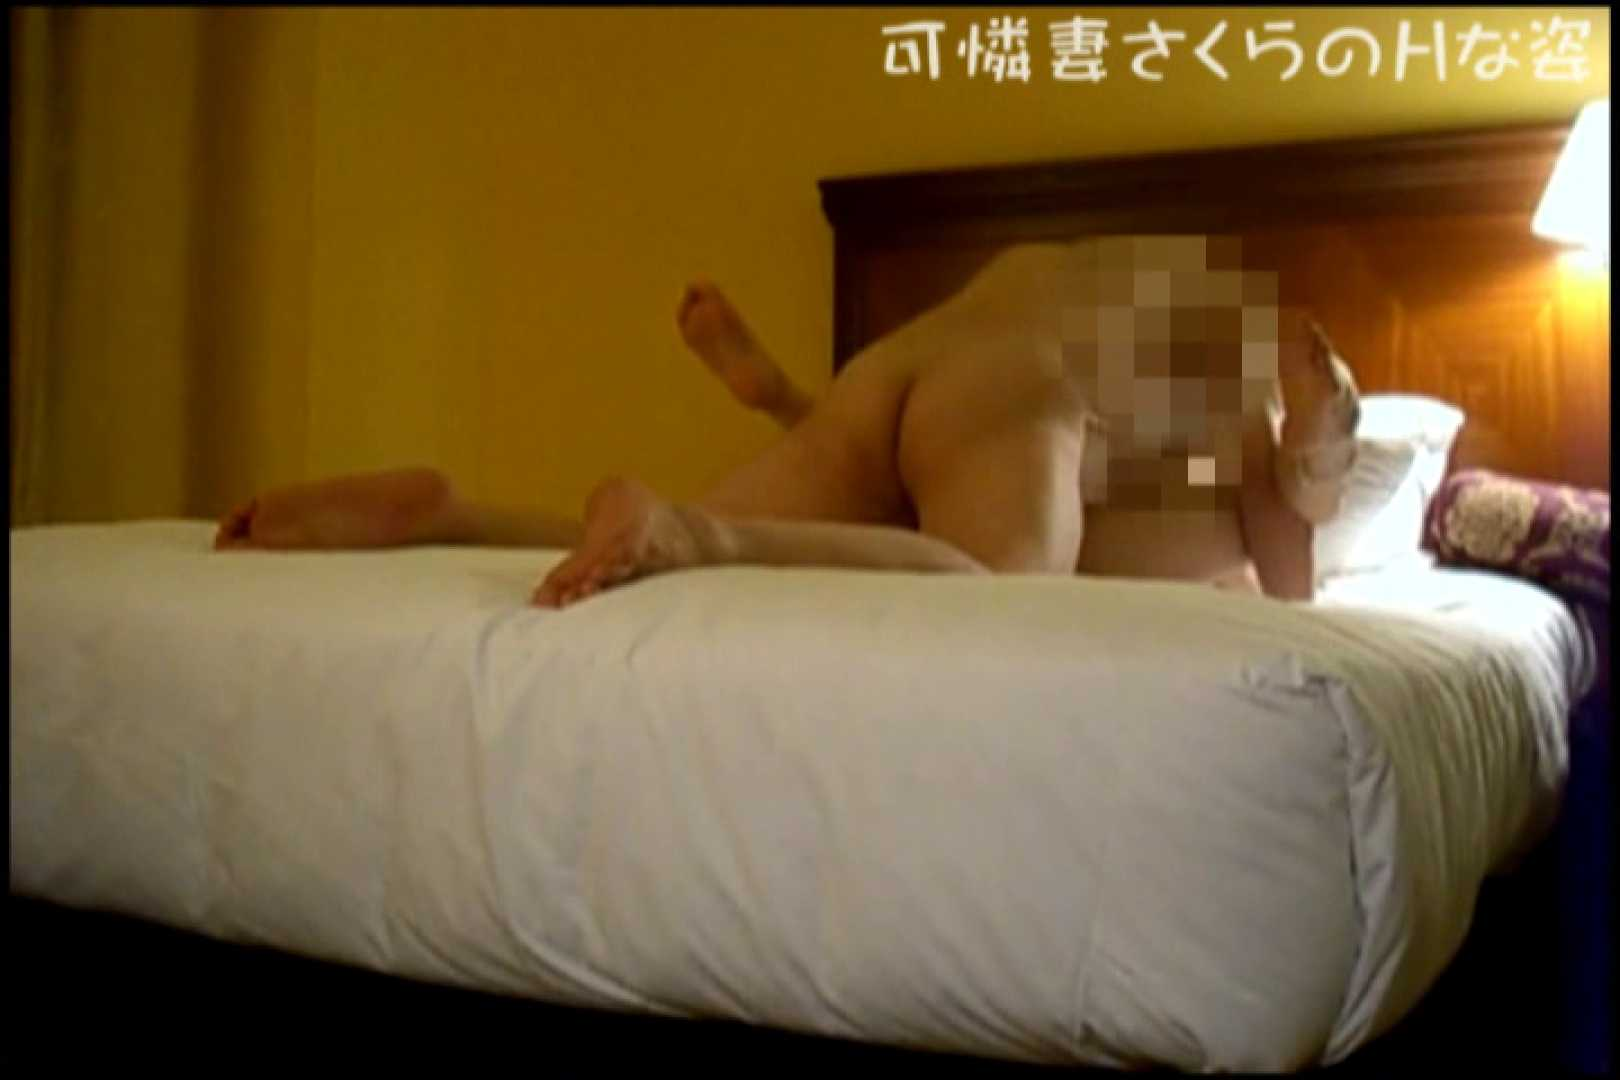 可憐妻さくらのHな姿vol.7 熟女の裸体 | OL裸体  99画像 75